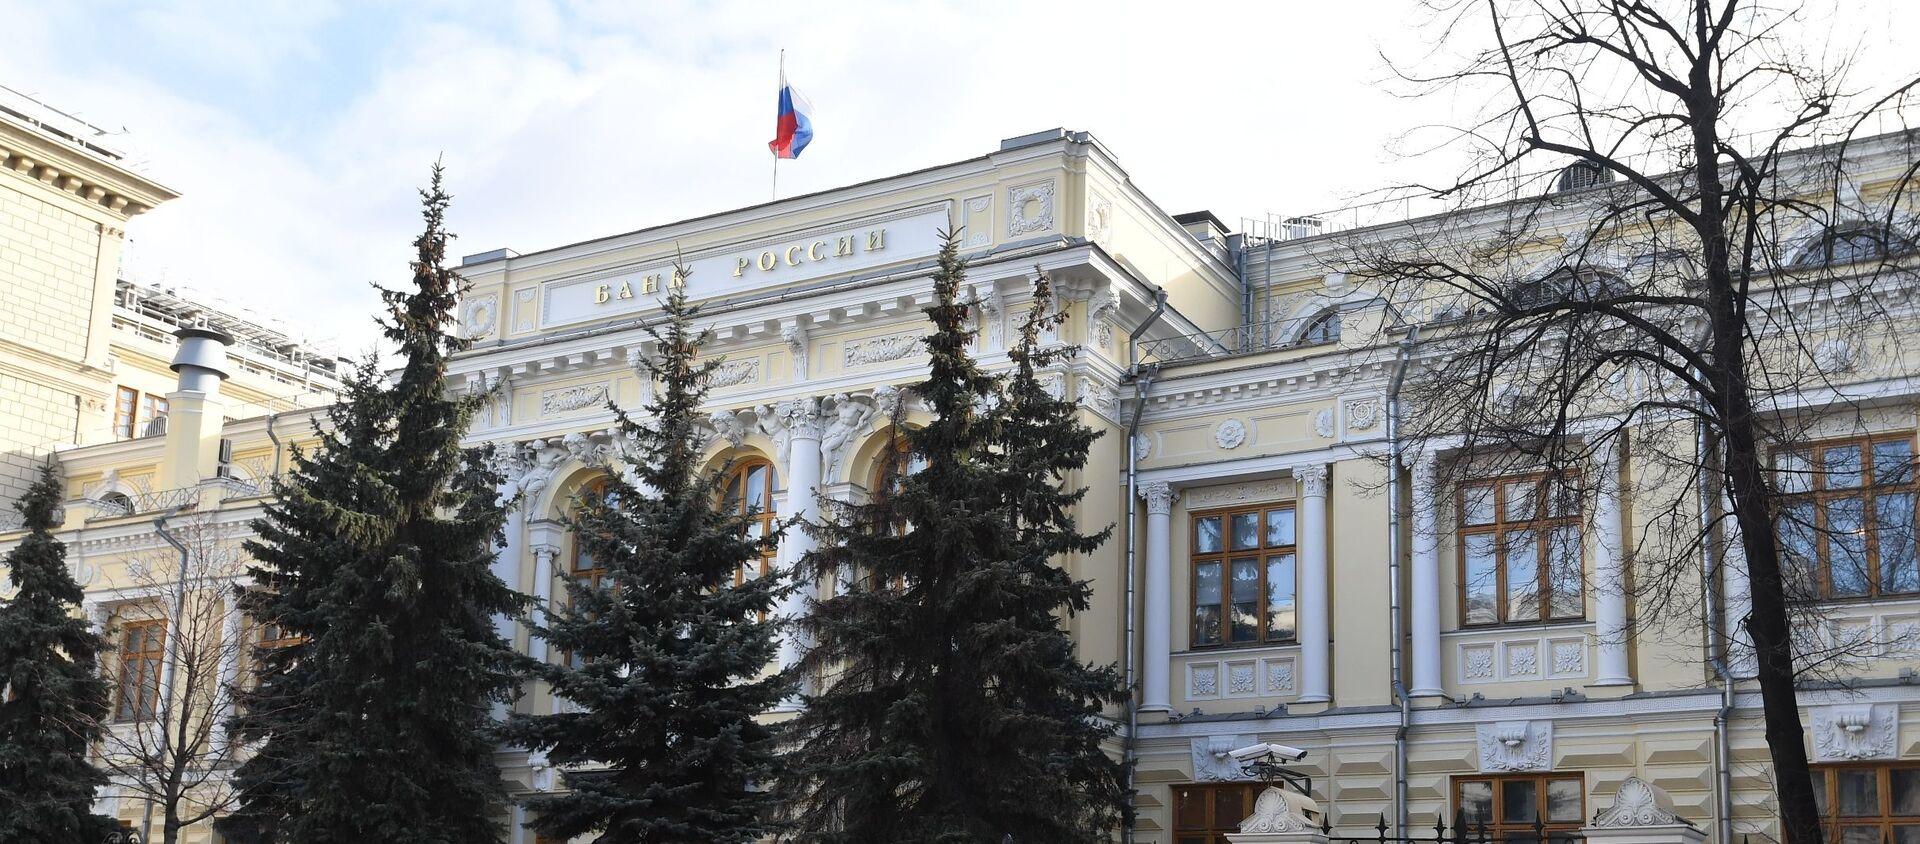 Банк России - Sputnik Беларусь, 1920, 18.02.2021